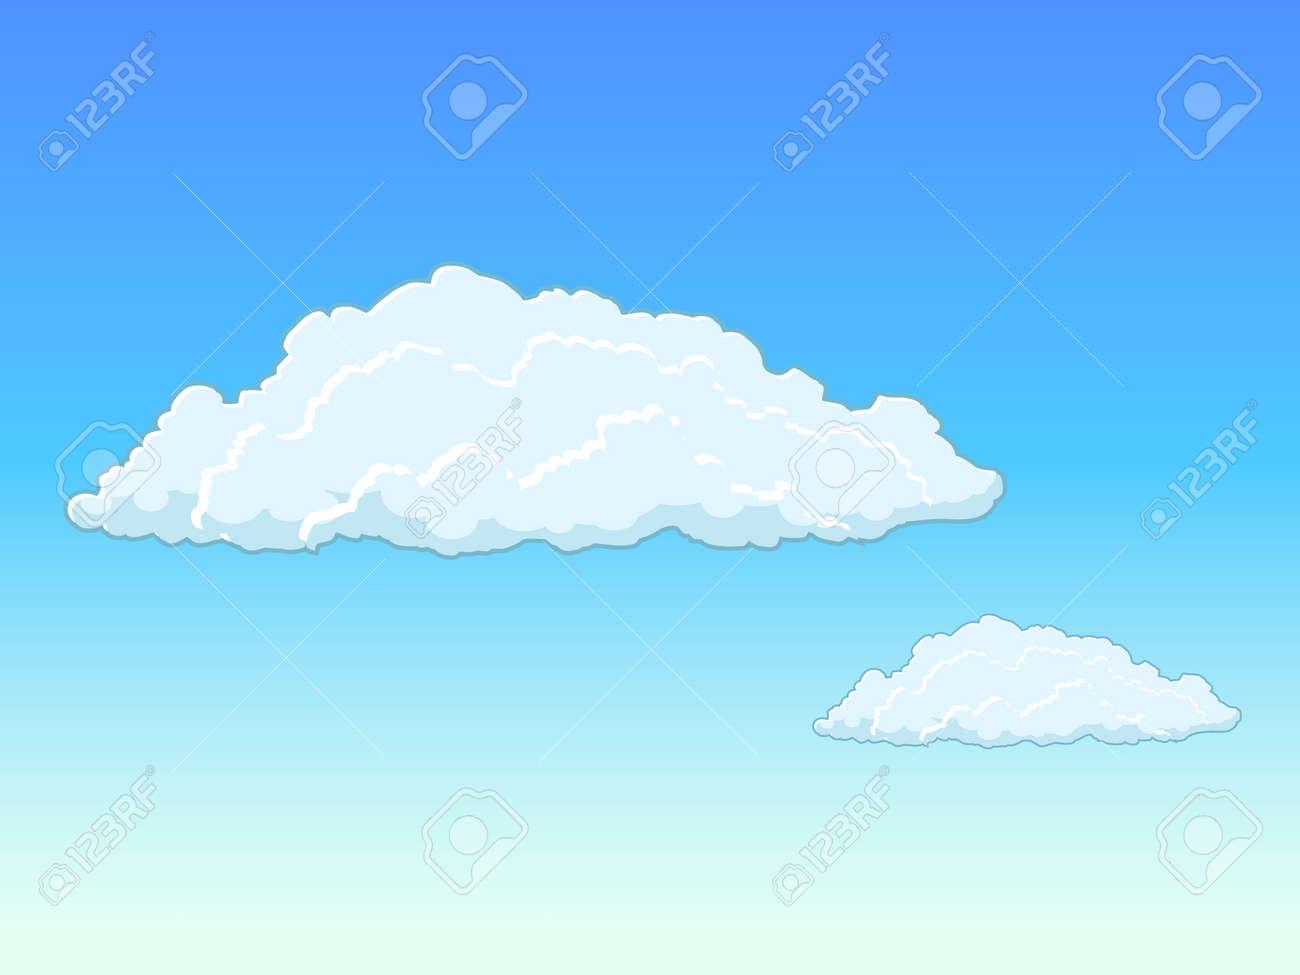 青い空に雲手描きの背景イラスト ロイヤリティフリークリップアート